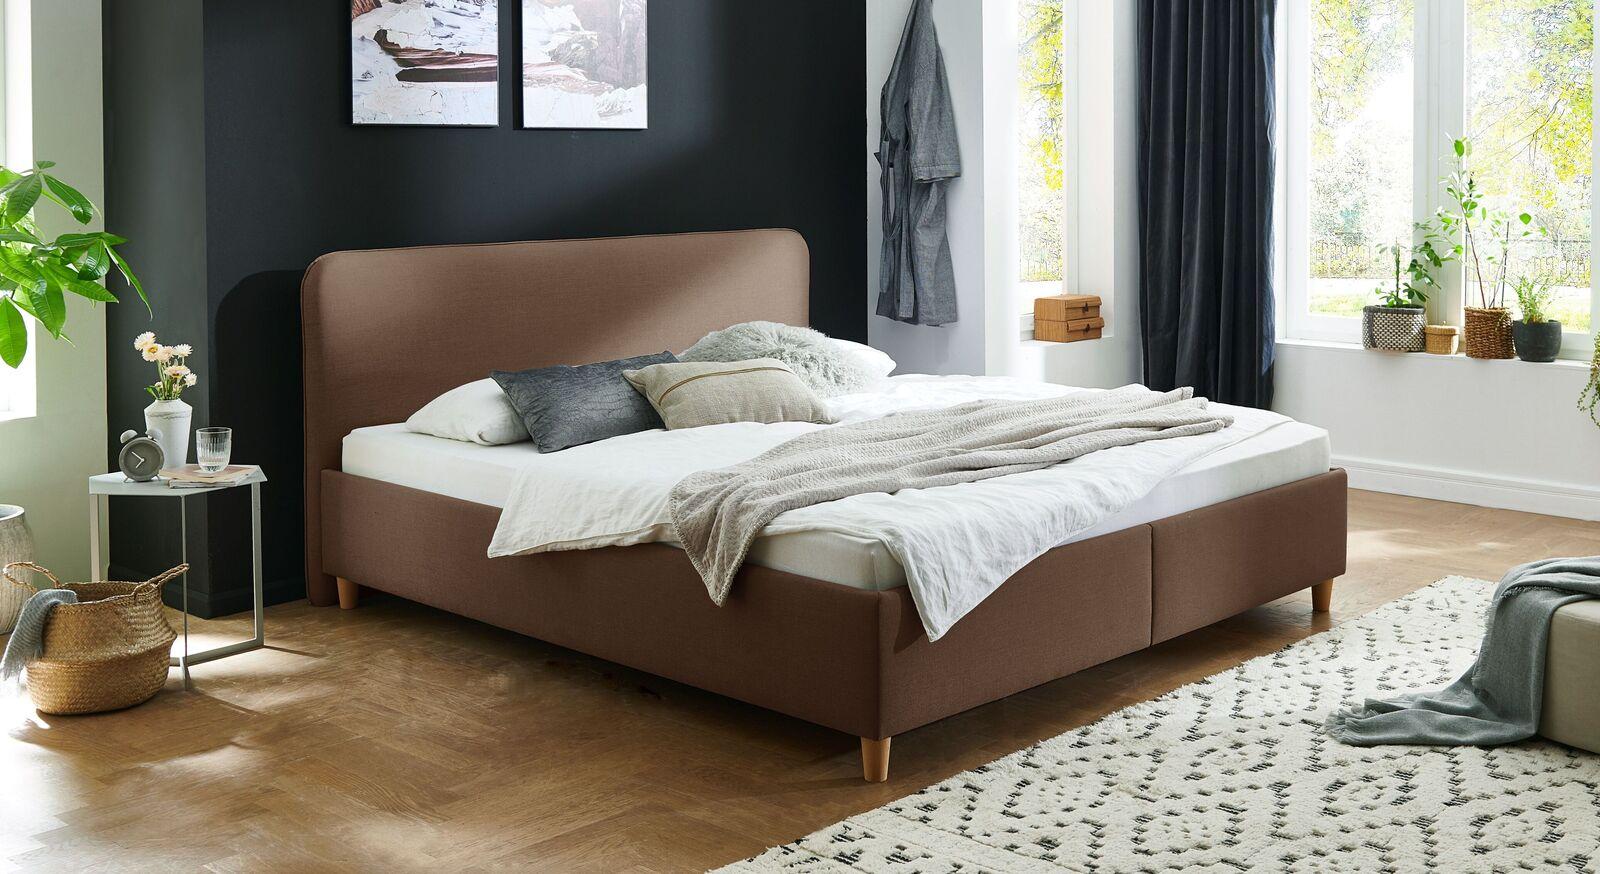 Bett Kannur mit hochwertigem Webstoff in Braun